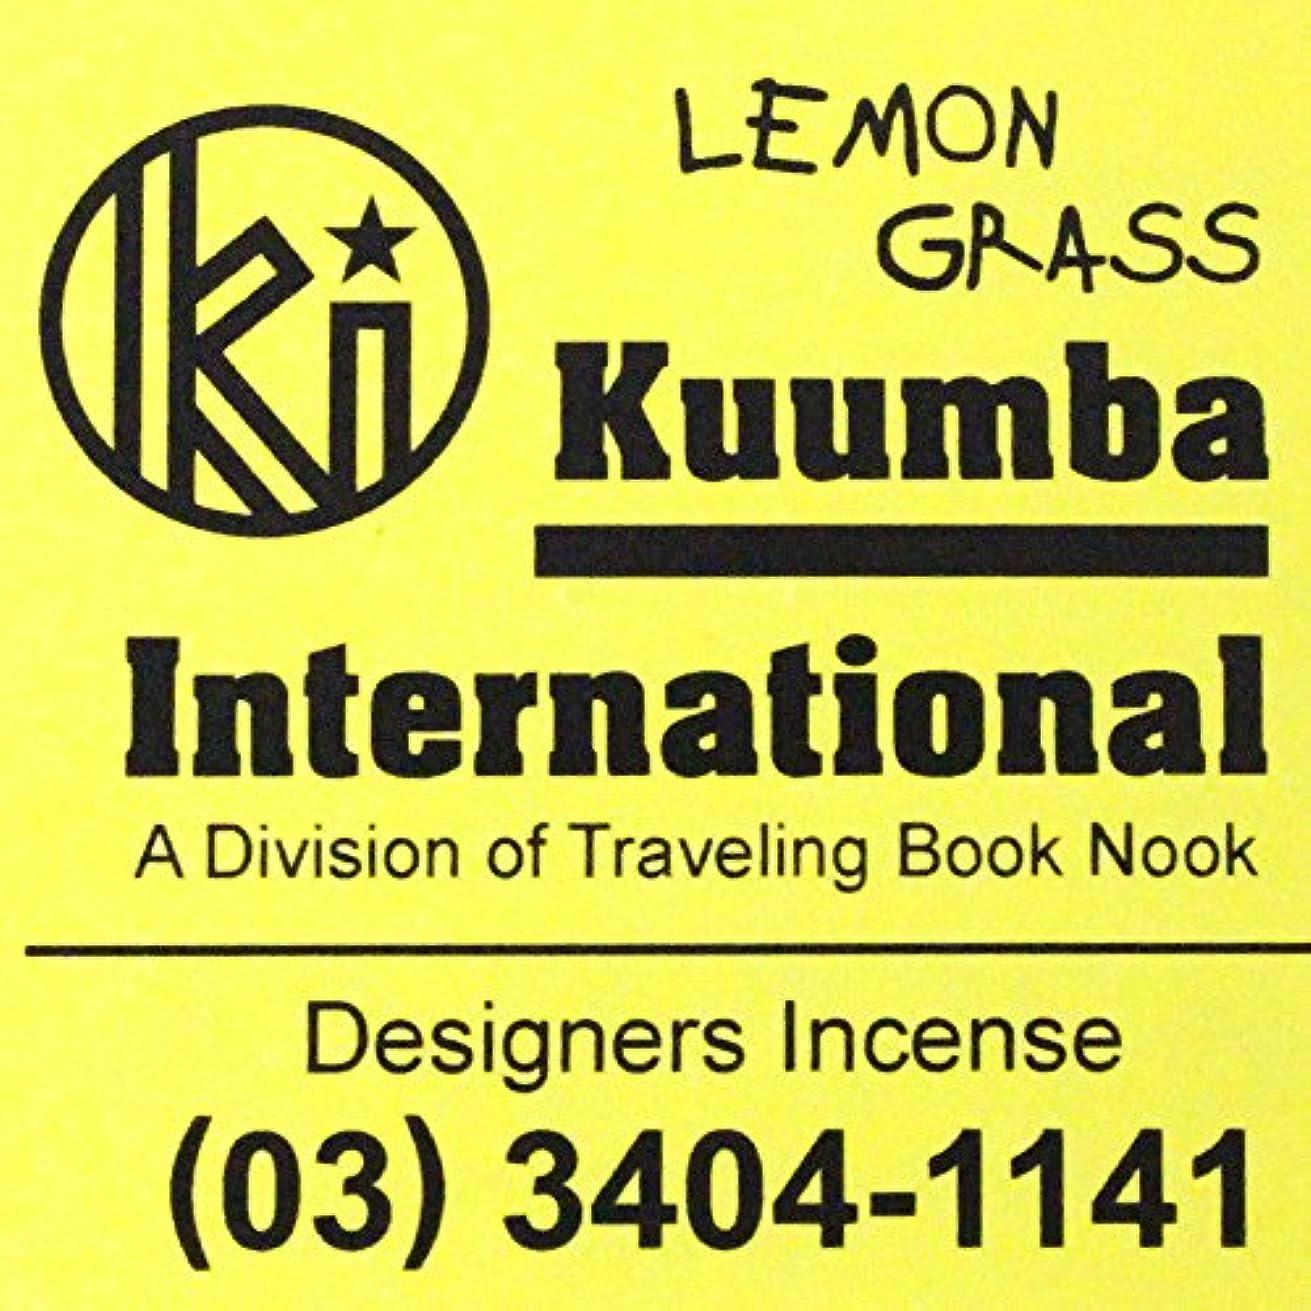 暴露アルコーブ愚か(クンバ) KUUMBA『incense』(LEMON GRASS) (Regular size)